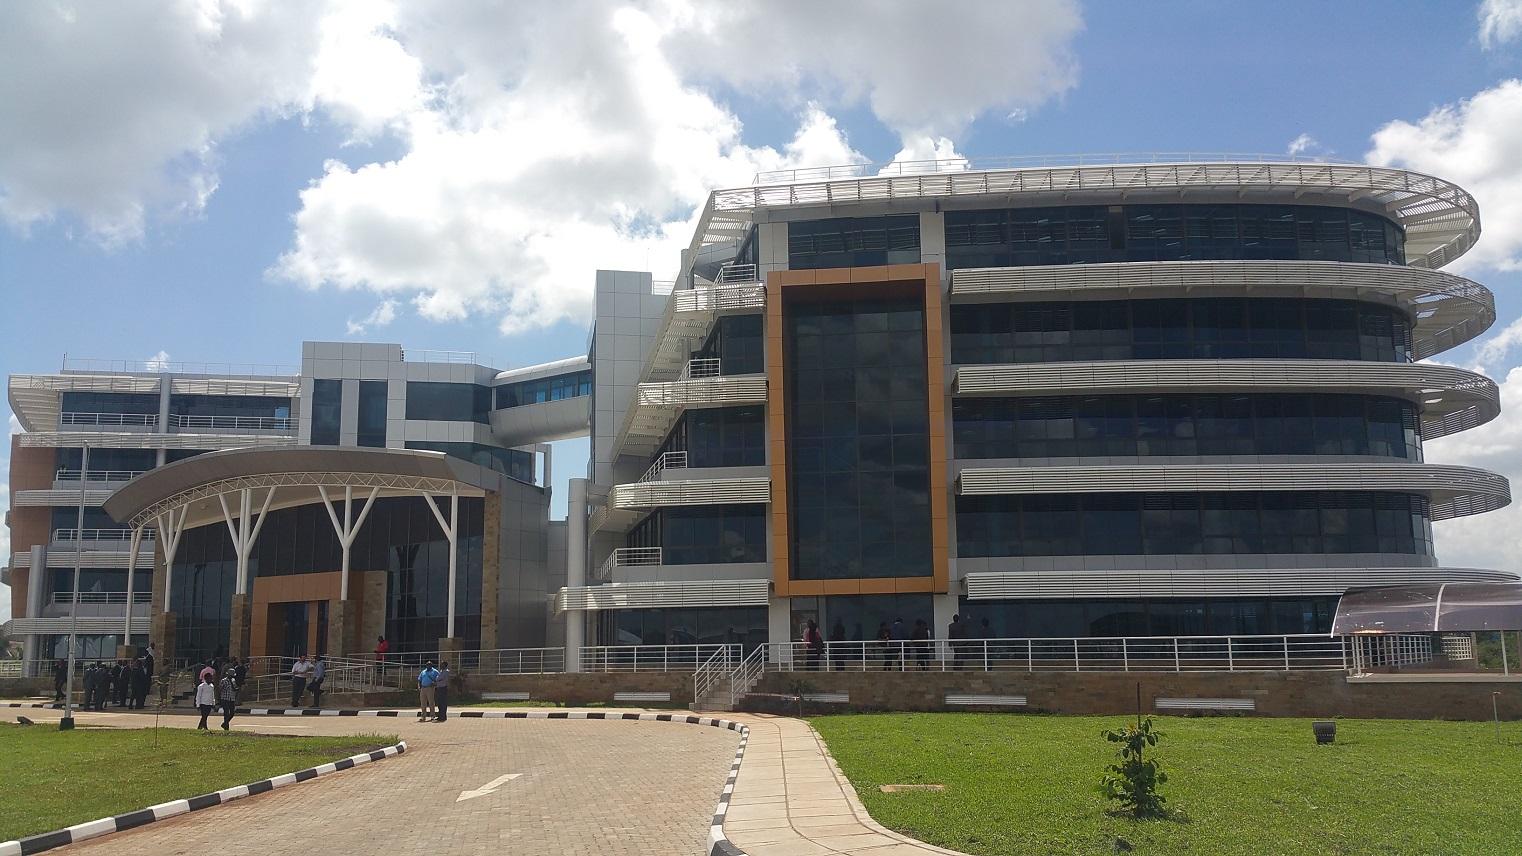 Kenya Civil Aviation Authority HQ